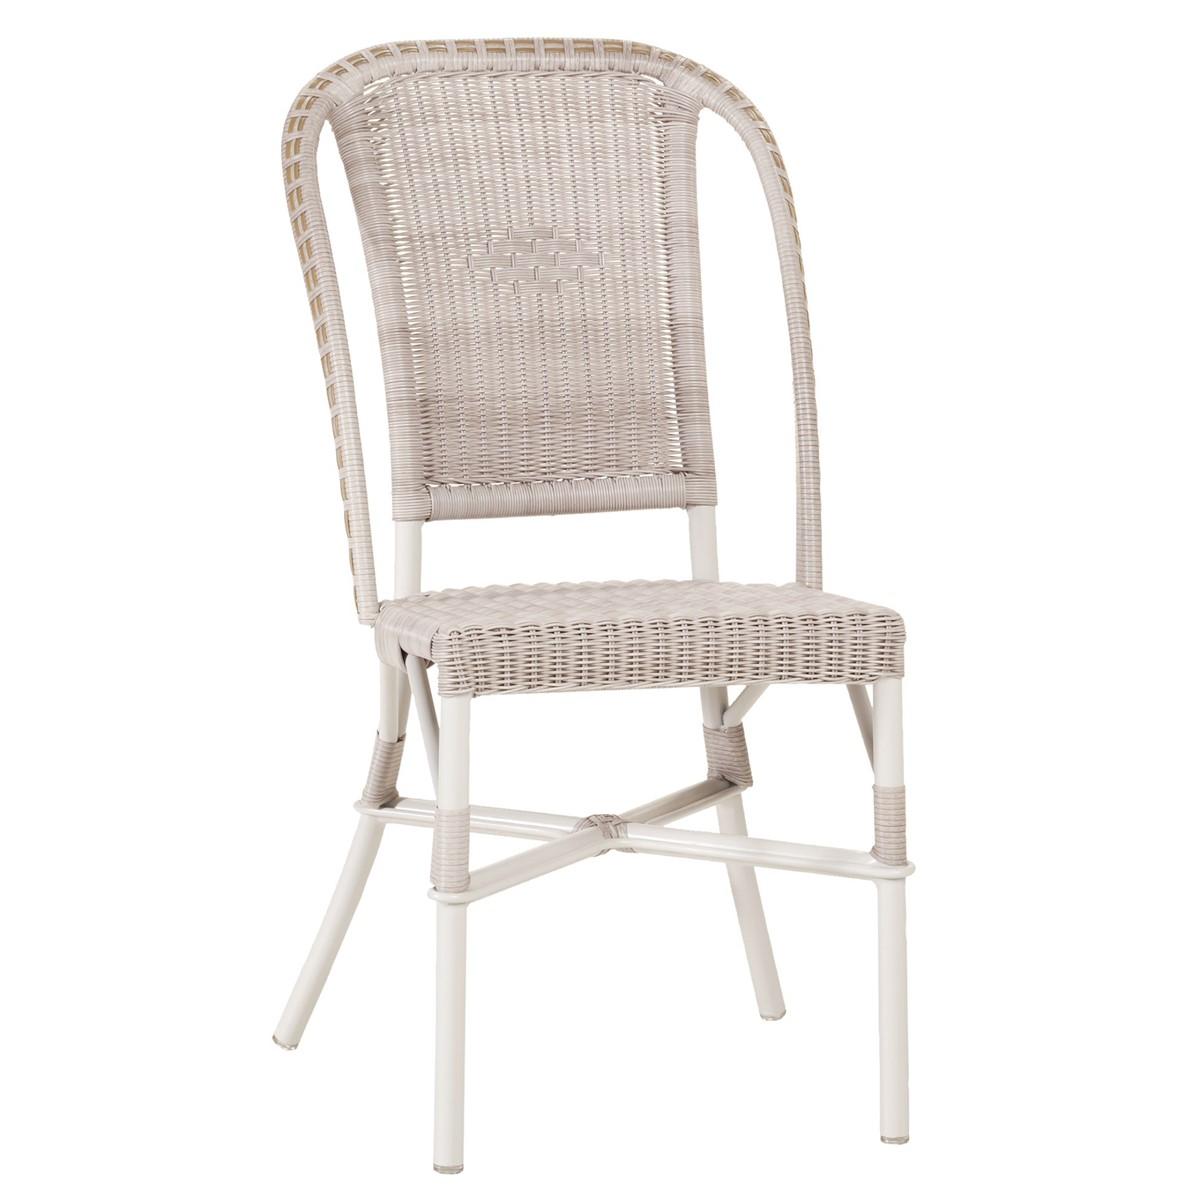 Chaise de jardin tressée en résine marron